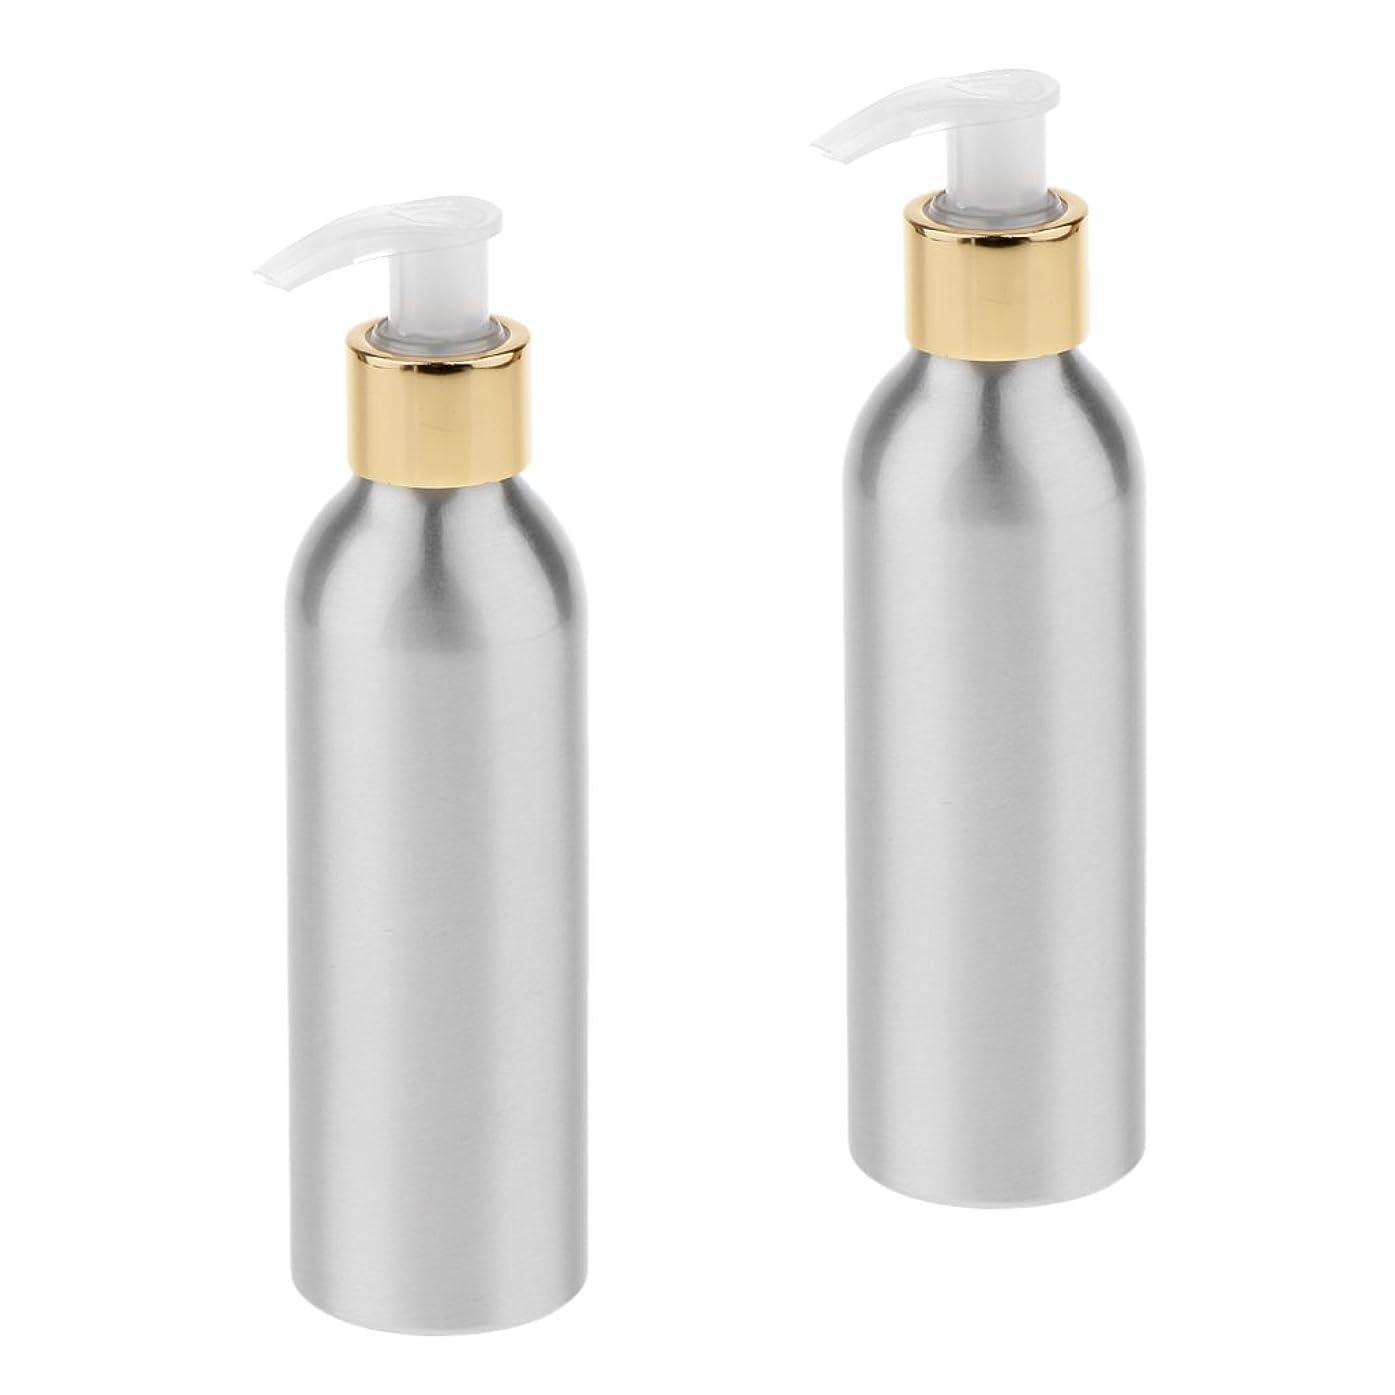 ローン枯れる法令Fenteer 2本 スプレーボトル ポンプボトル アルミボトル 香水ボトル シャンプー 噴霧器 アトマイザー 詰替え DIY 6サイズ選択 - 150m